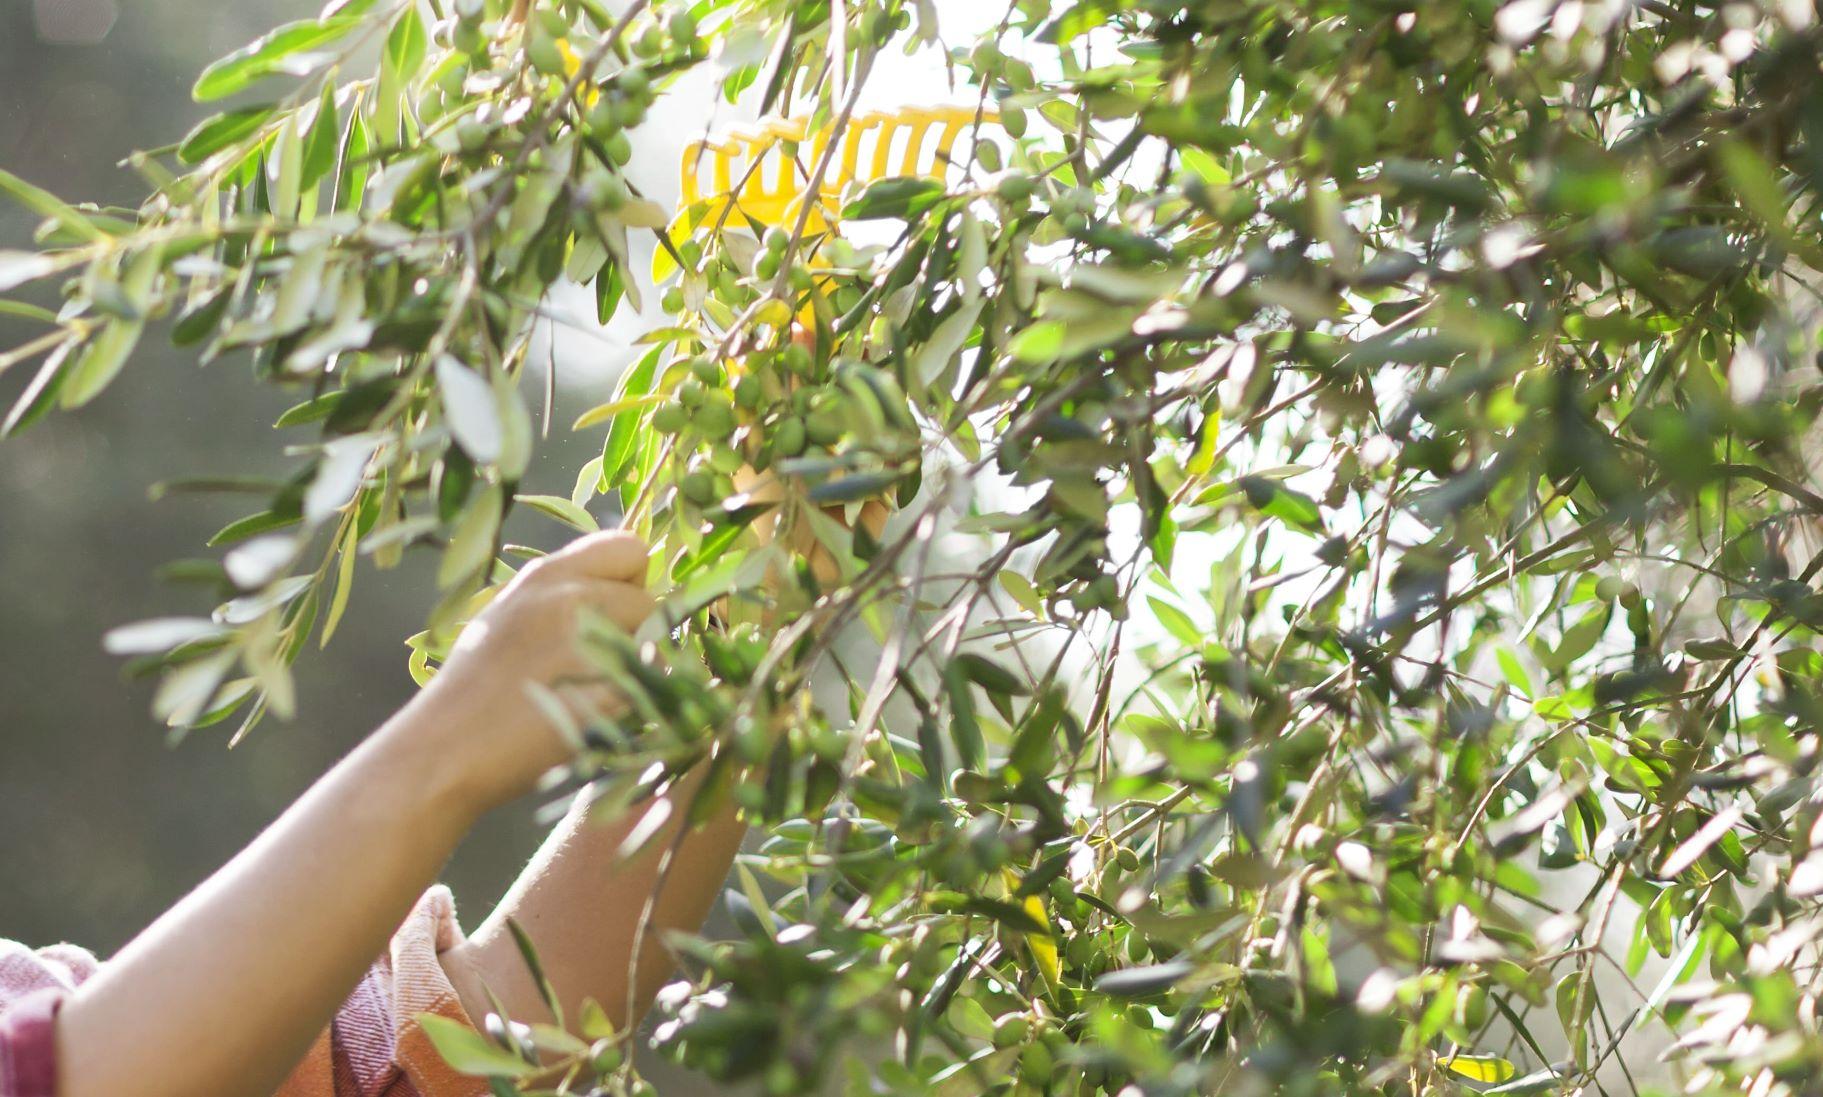 Nachhaltigkeit - Olivenölernte bei BERTOLLI per Hand